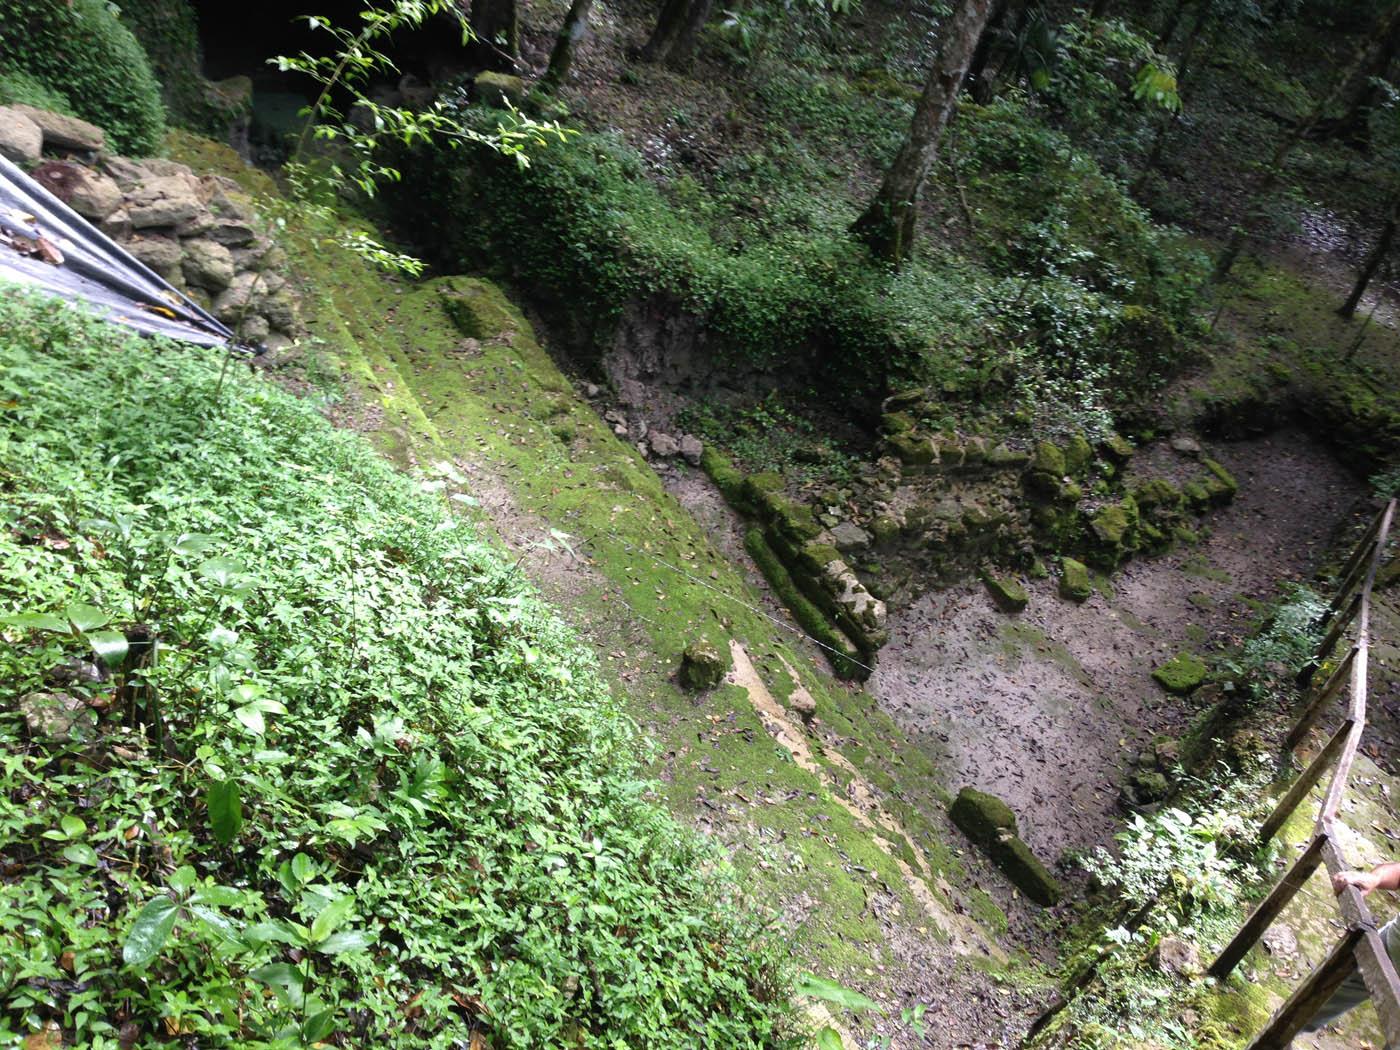 View down escala La Da grpS